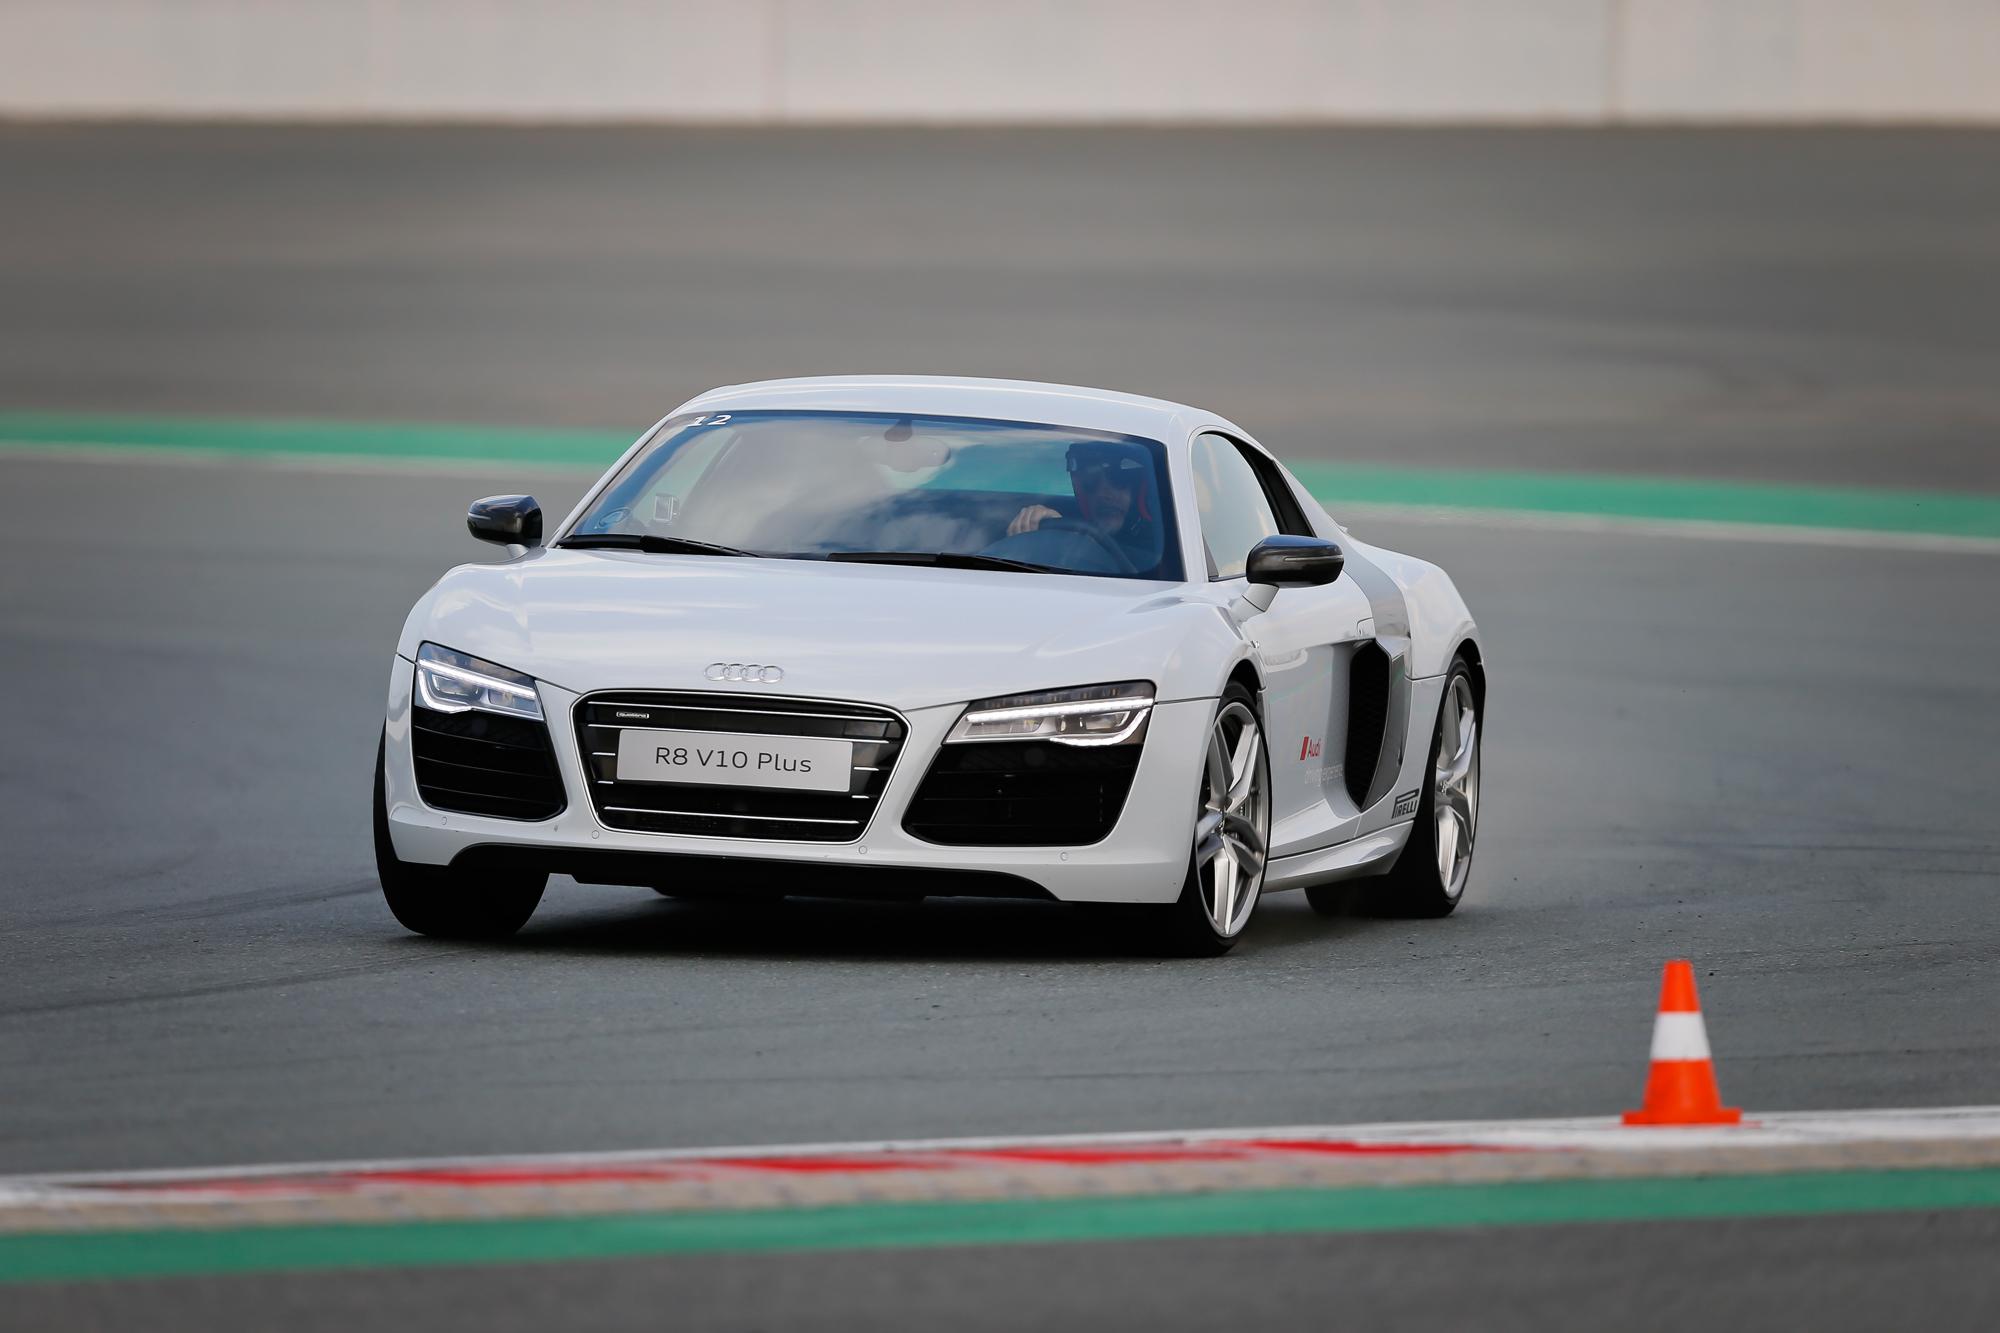 2013 Audi R8 V10 Amp V8 Review Motoring Middle East Car